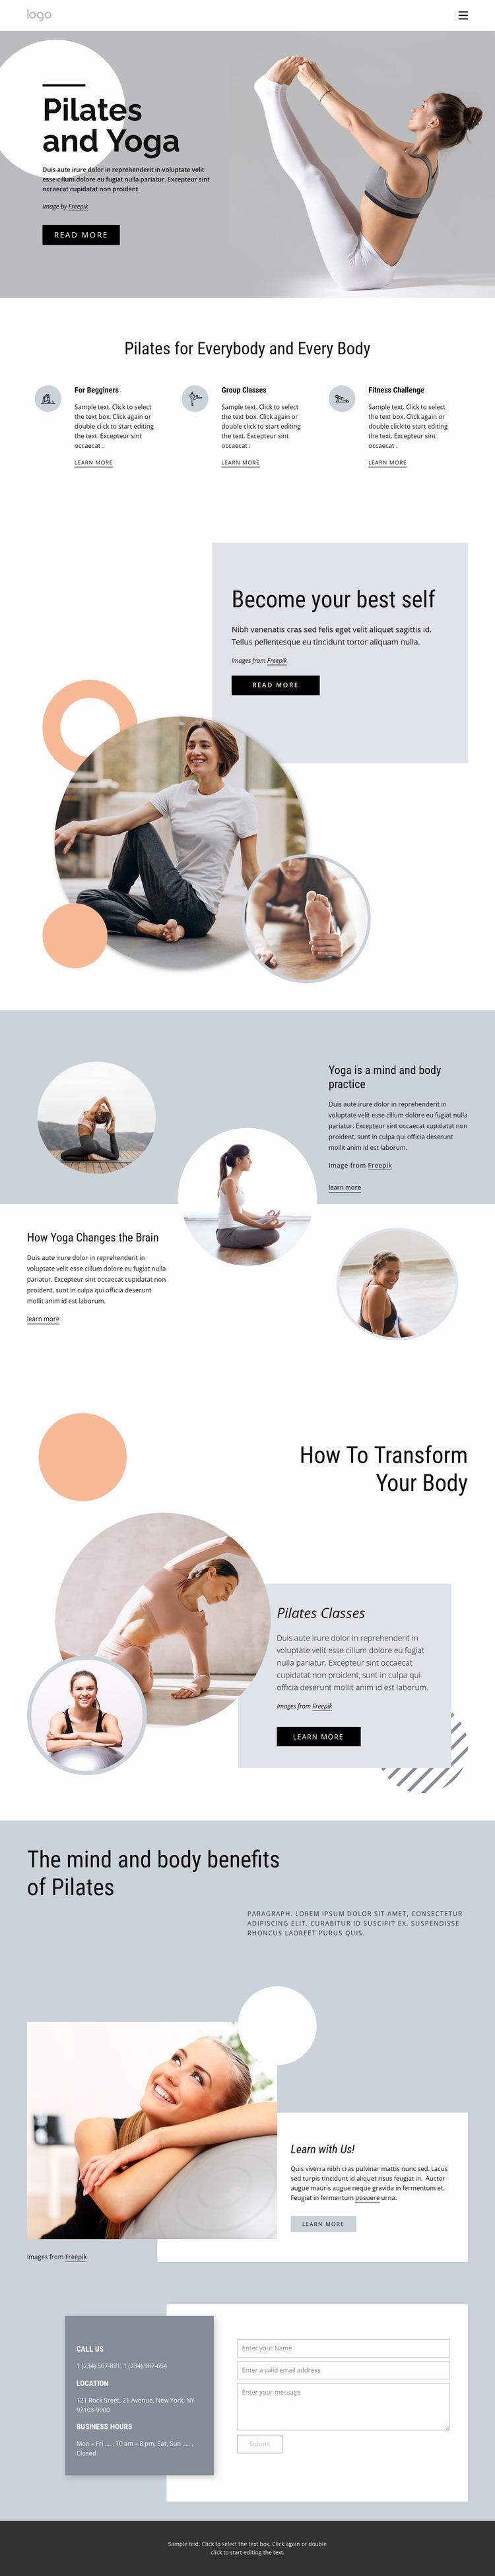 Pilates and yoga center Html Website Builder